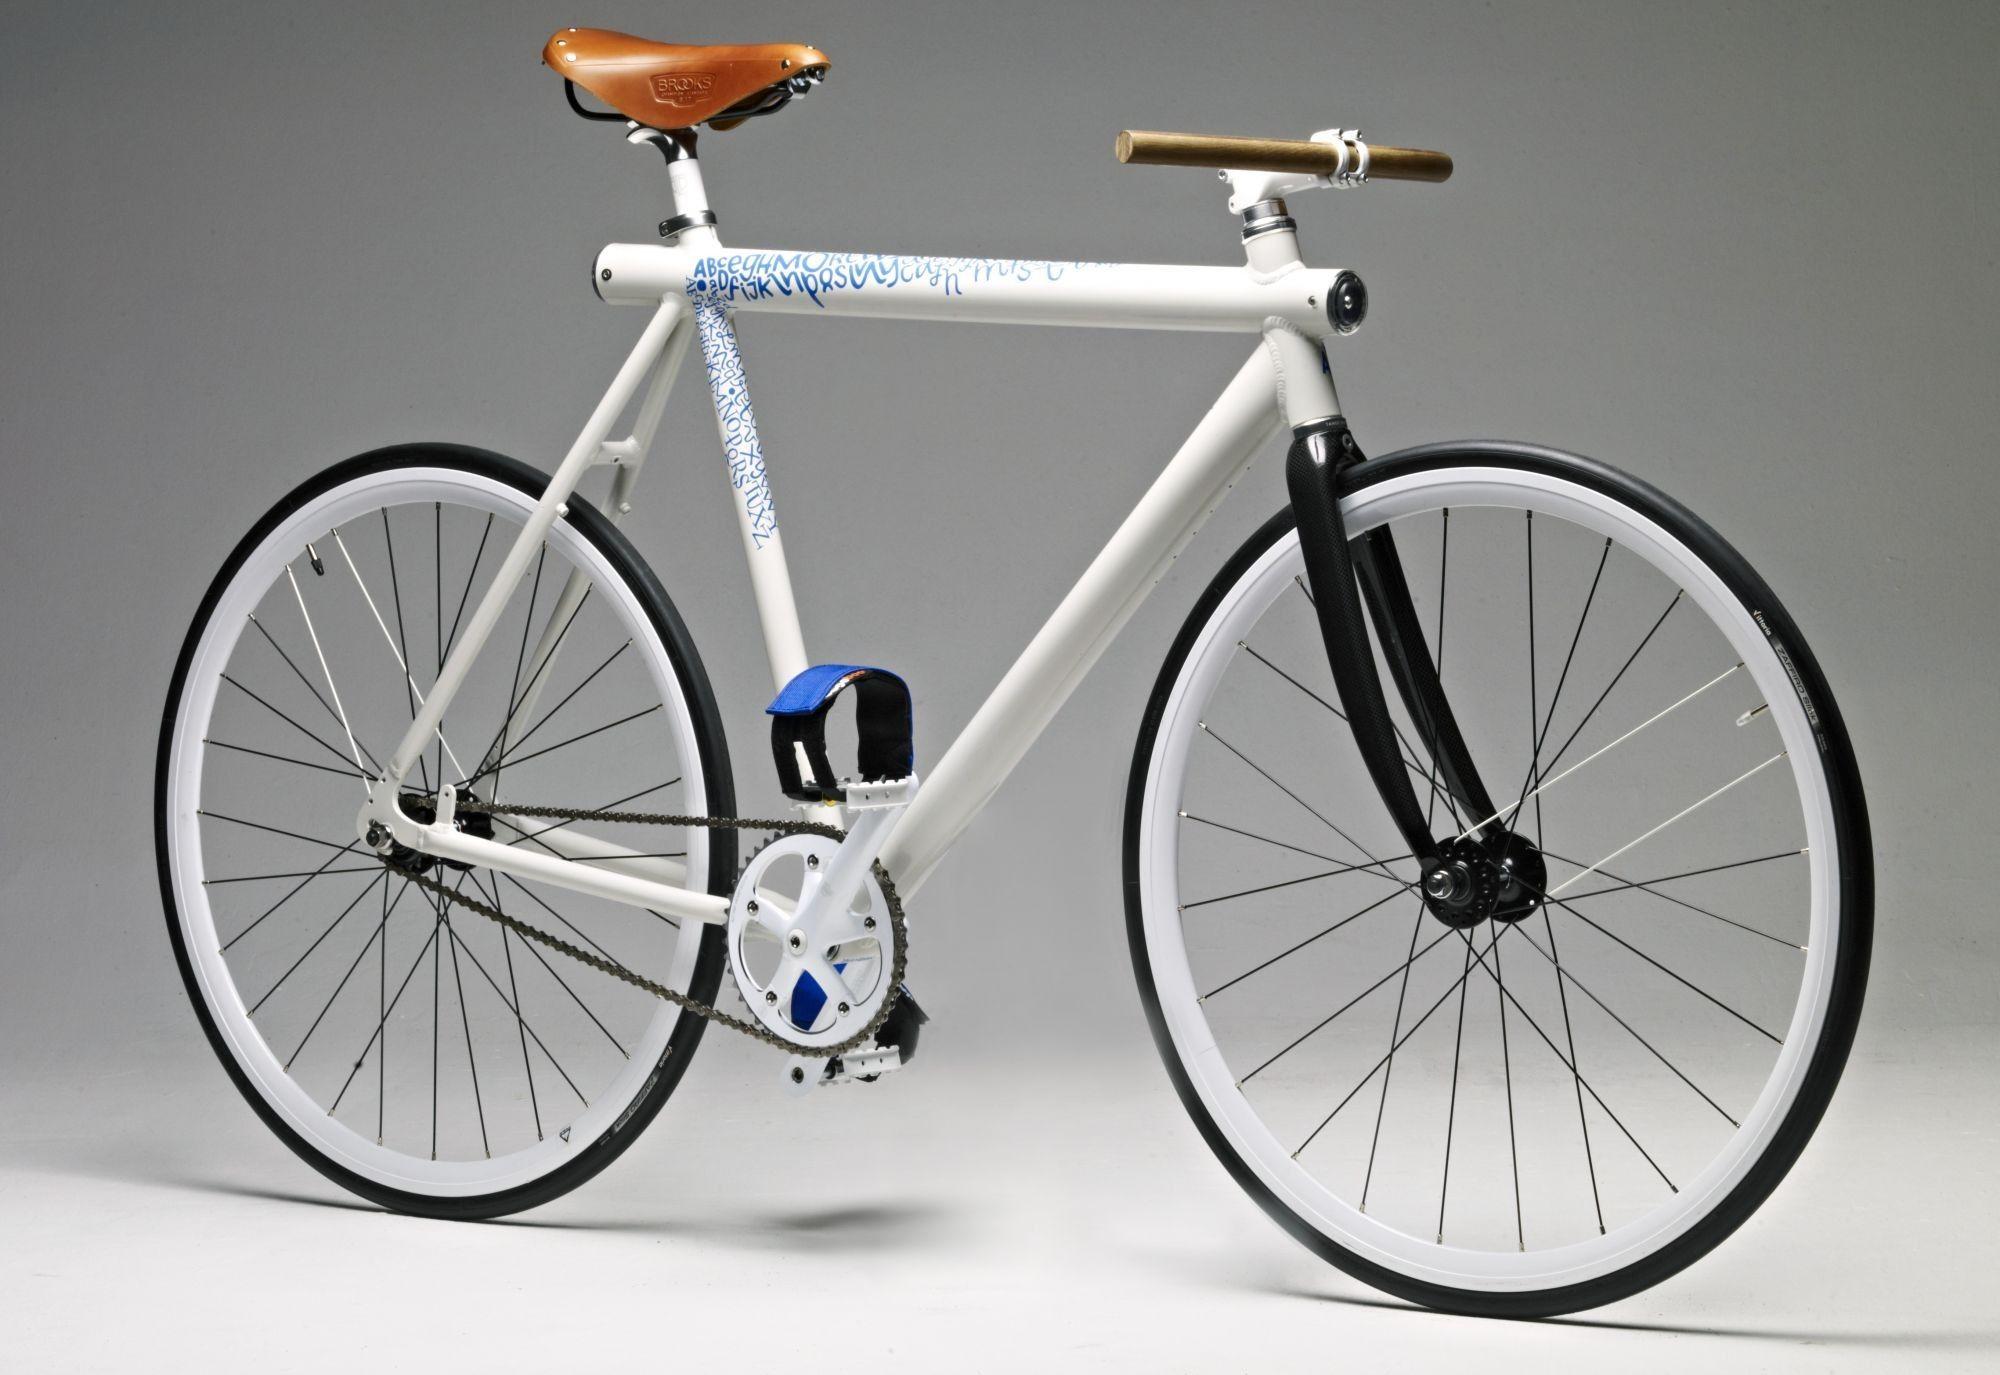 van moof fietsen pinterest fietsen en fiets. Black Bedroom Furniture Sets. Home Design Ideas